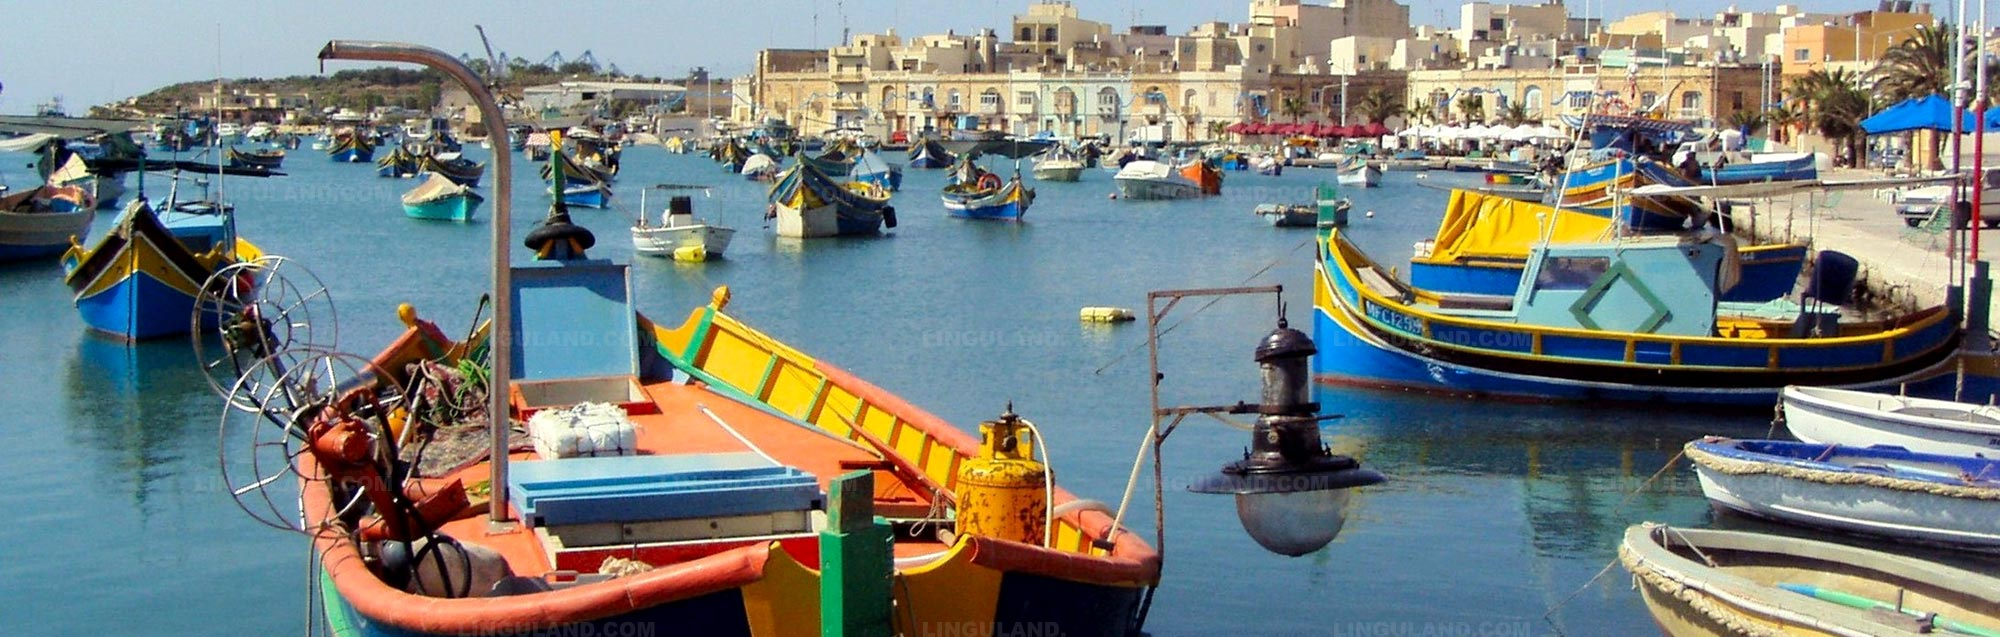 Séjours linguistiques Malte, cours en anglais